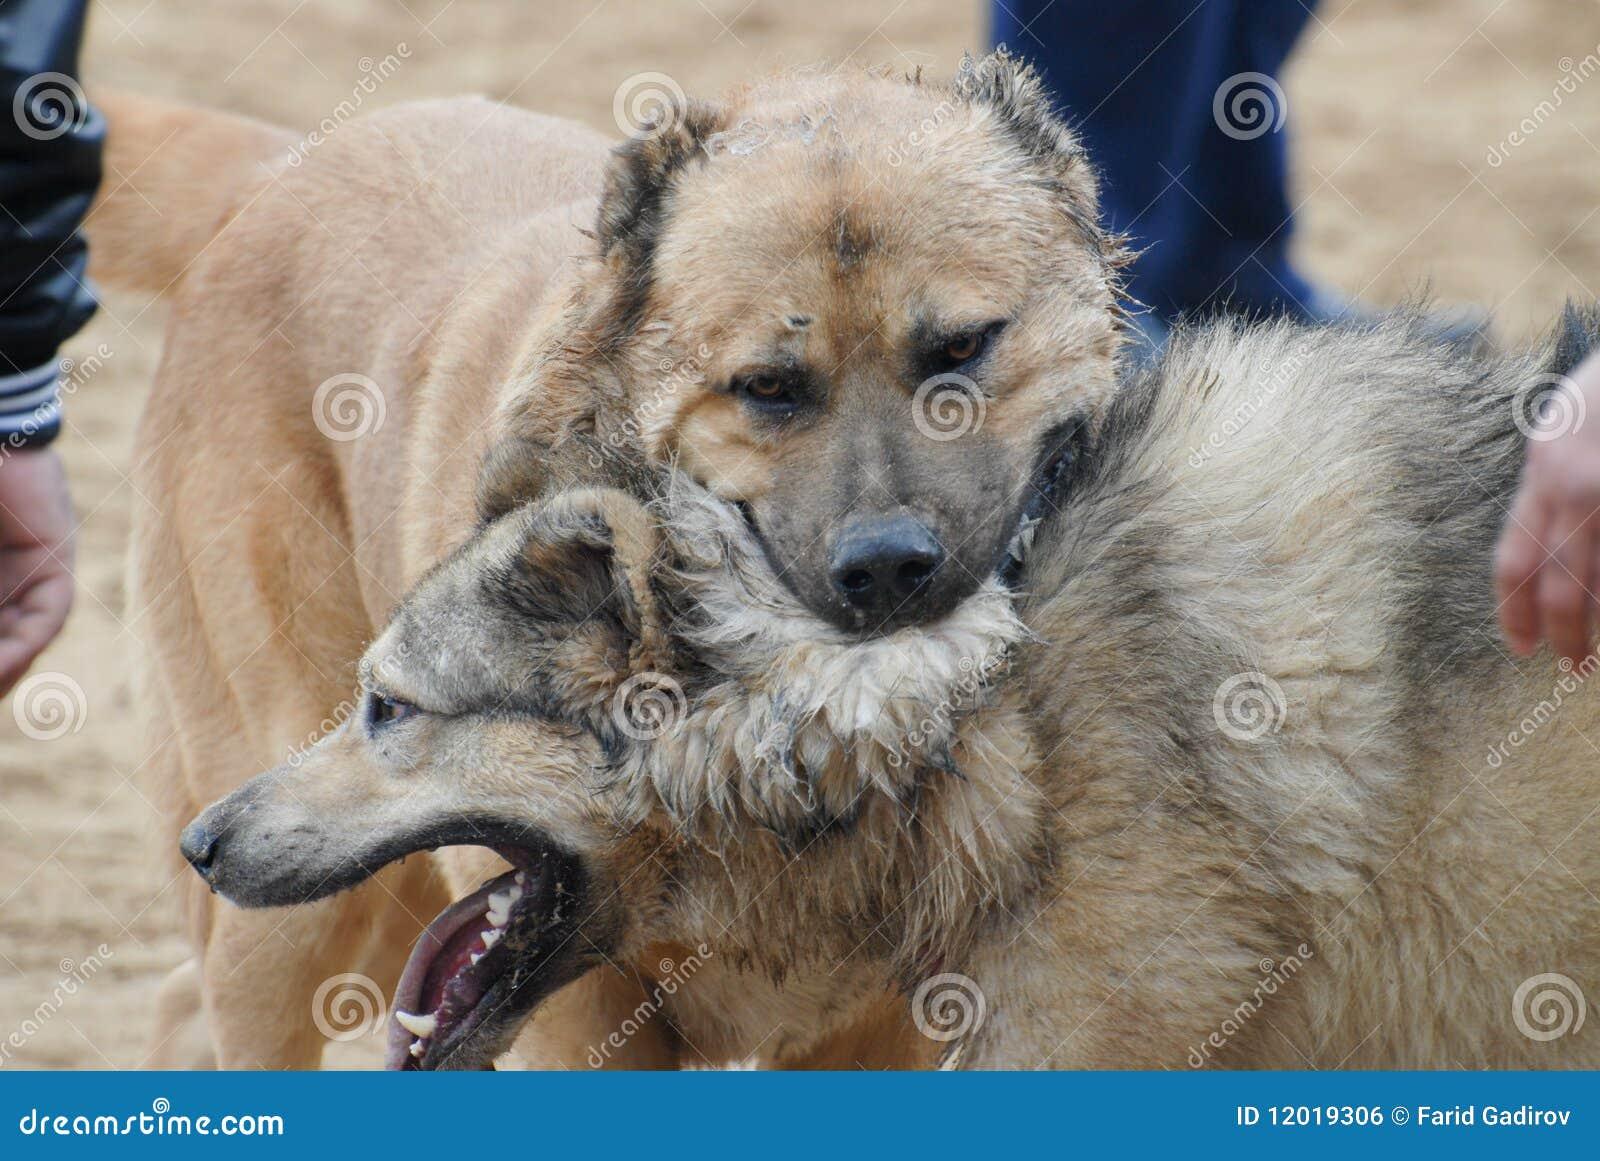 Dog Fight Royalty Free Stock Image - Image: 12019306